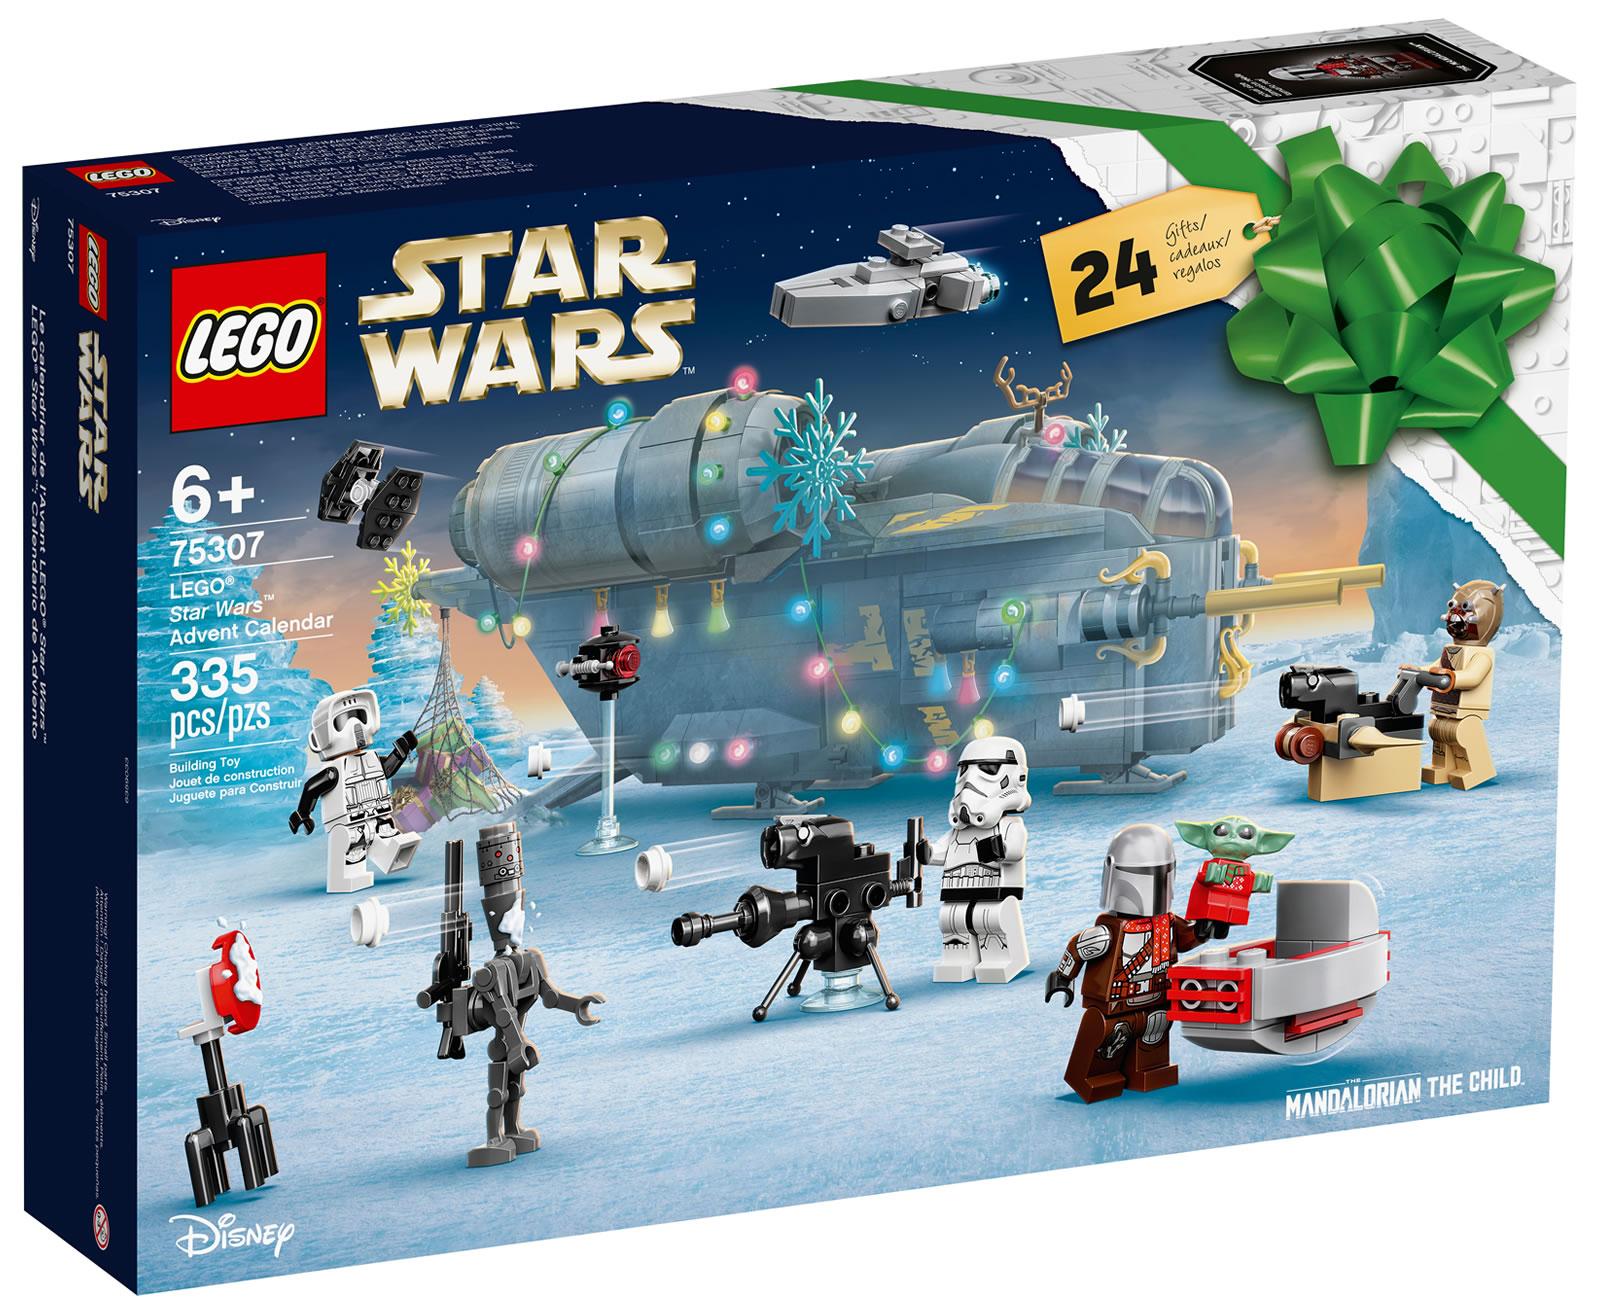 【2021年版】レゴ(LEGO) スター・ウォーズ アドベントカレンダー 75307